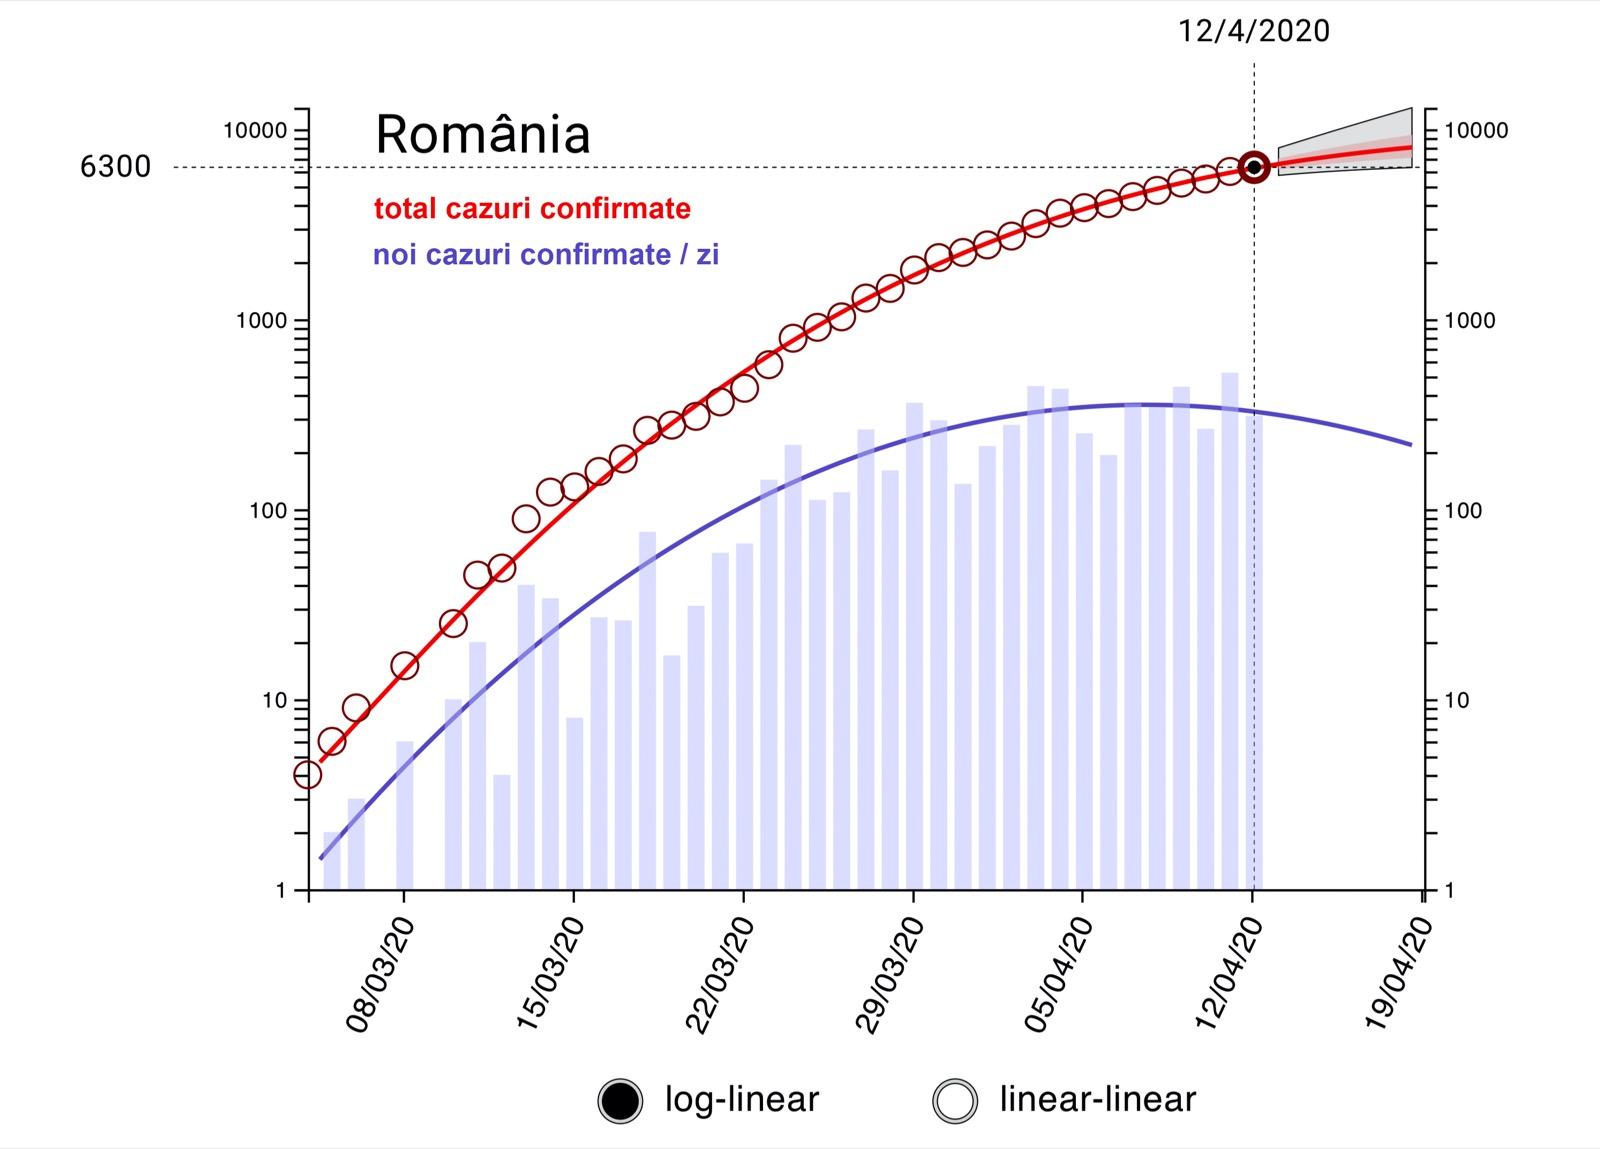 Romania total cazuri confirmate COVID-19